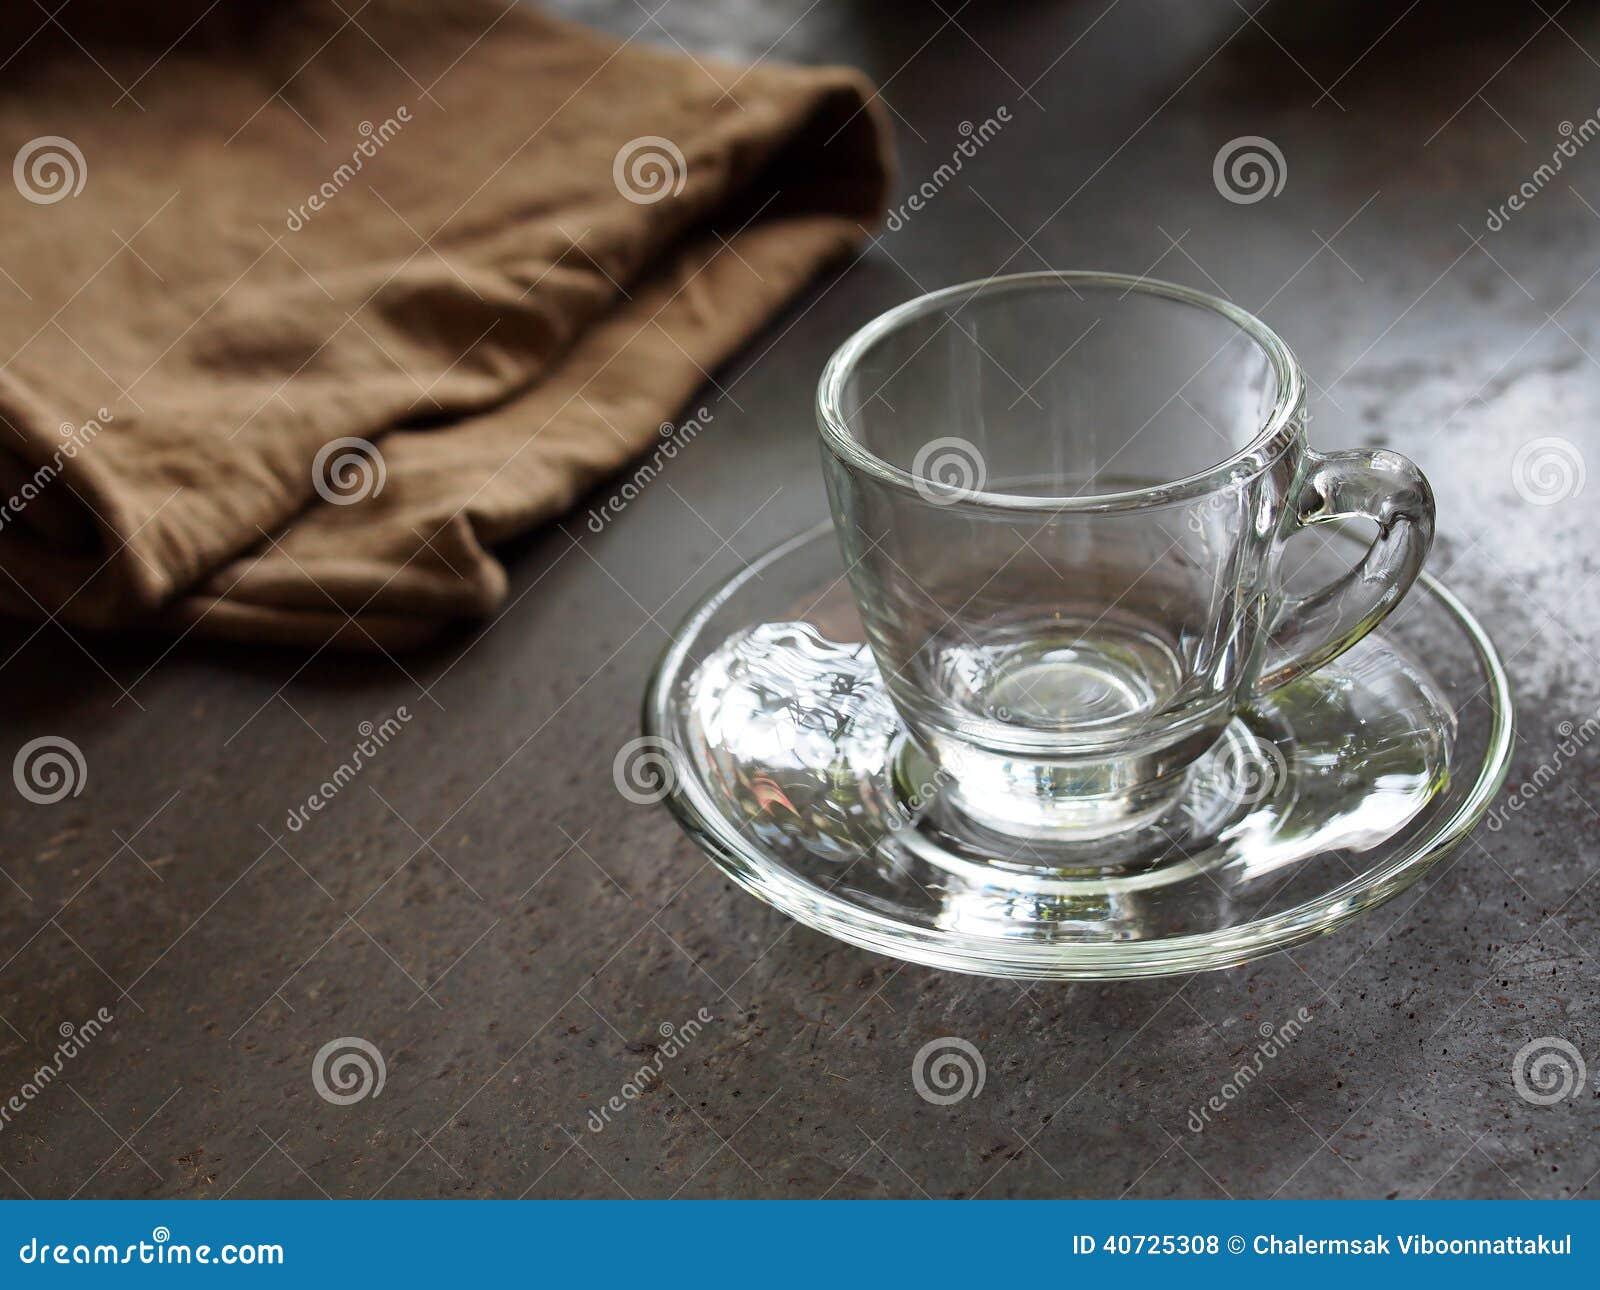 petite tasse en verre vide pour le caf d 39 expresso photo. Black Bedroom Furniture Sets. Home Design Ideas